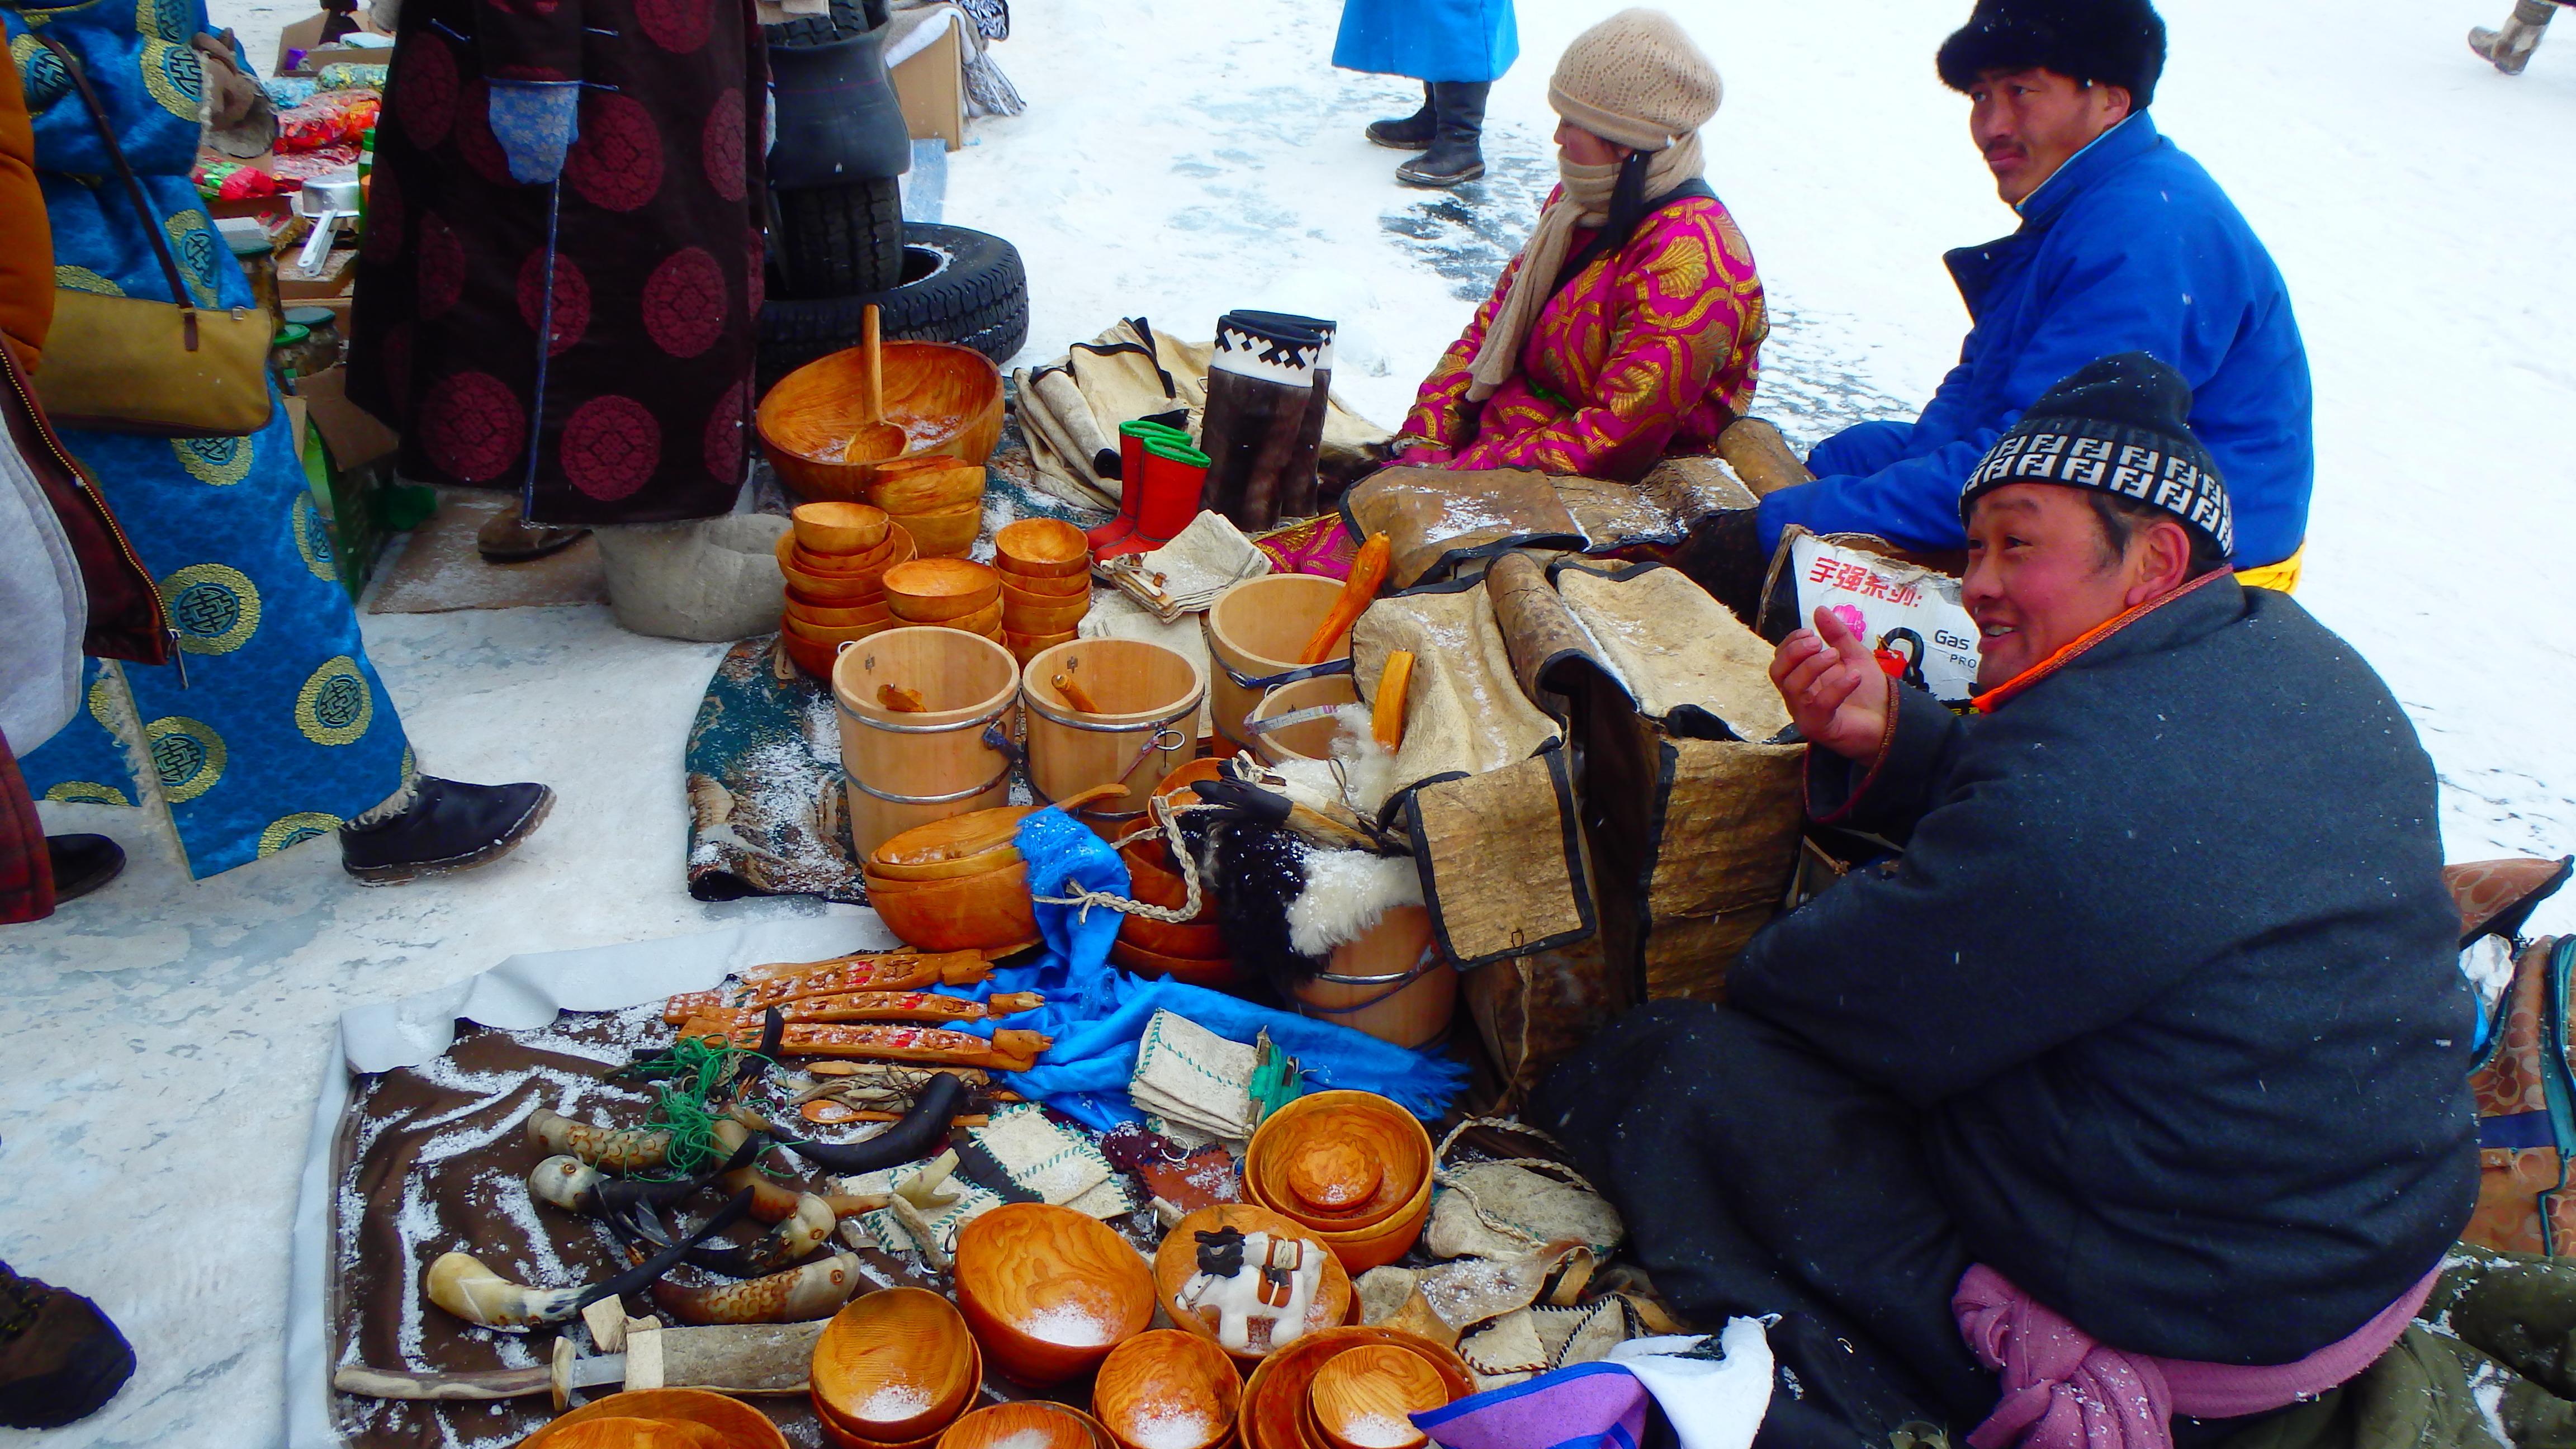 Eisfestival, das Event, das Sie nicht verpassen dürfen